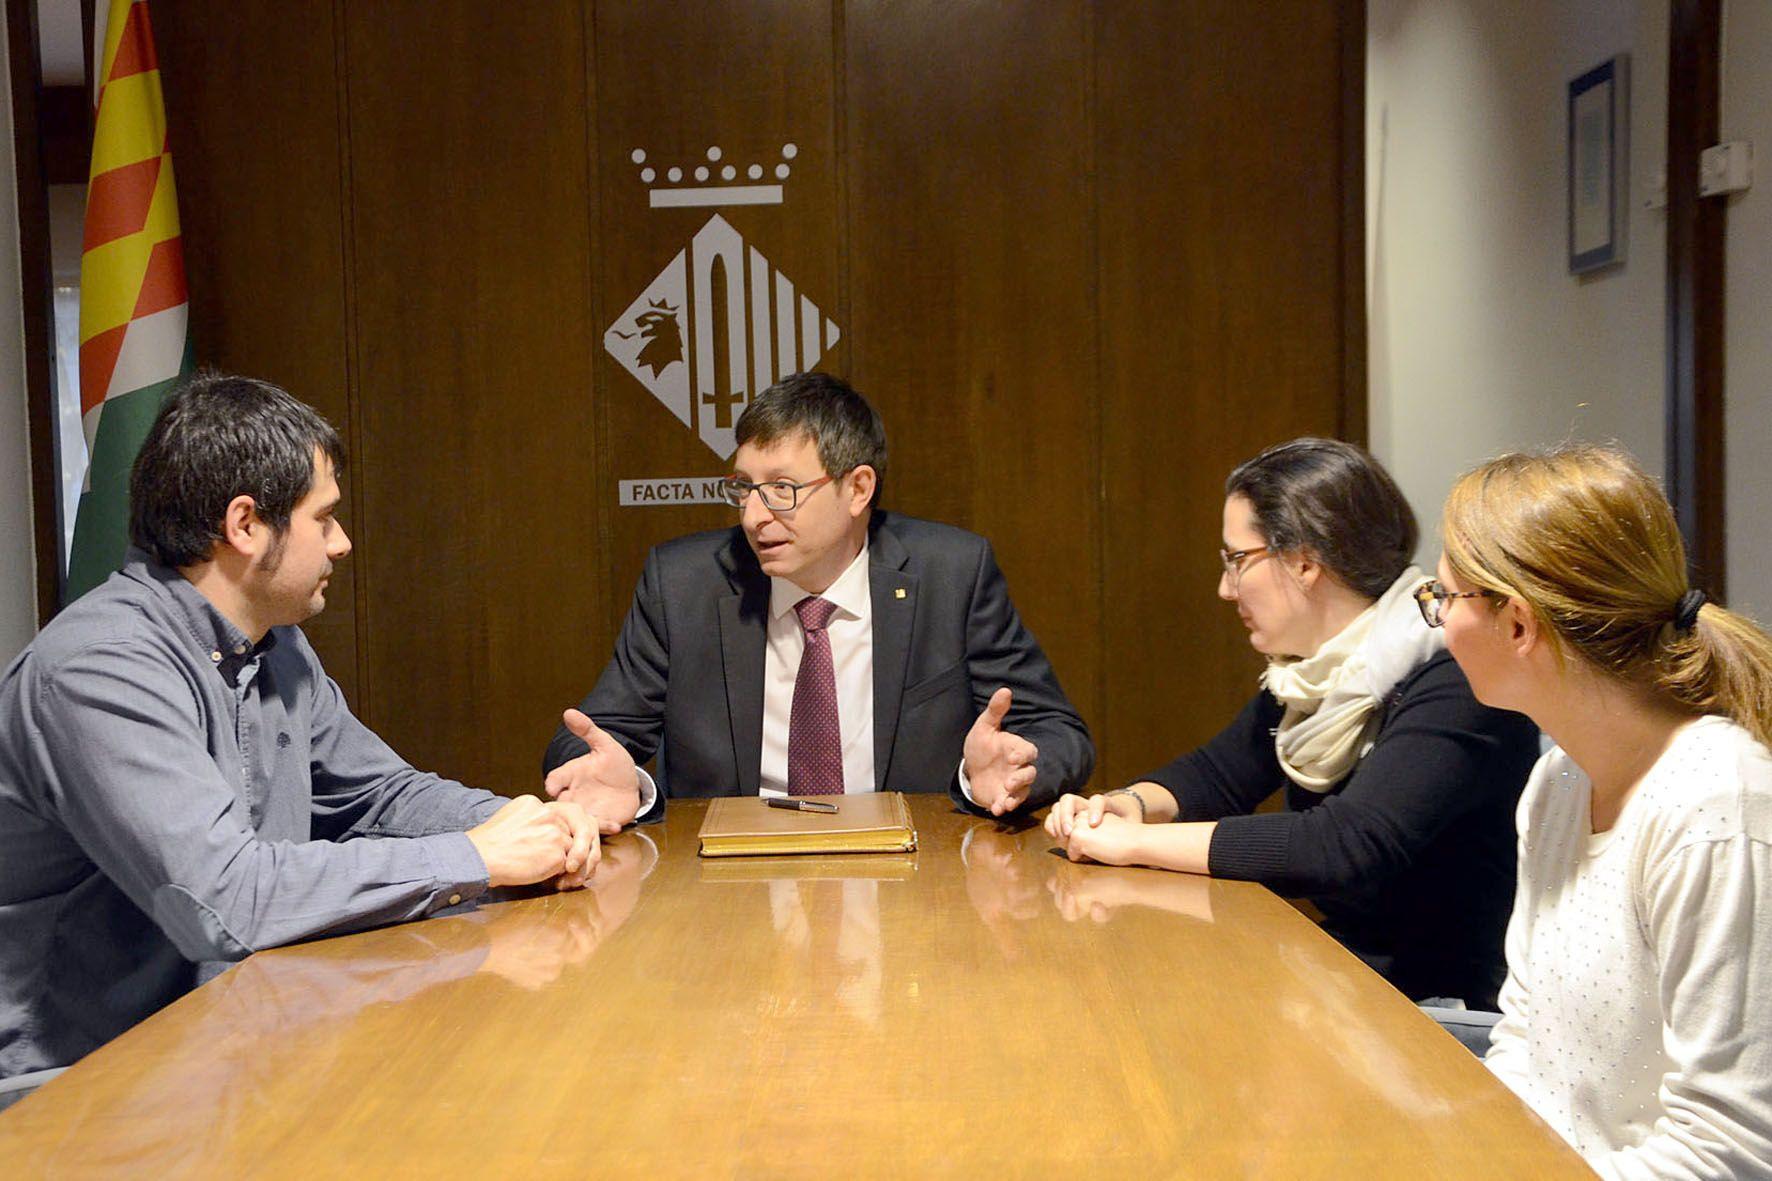 Un moment de la visita del Conseller a l'Ajuntament de Cerdanyola del Vallès